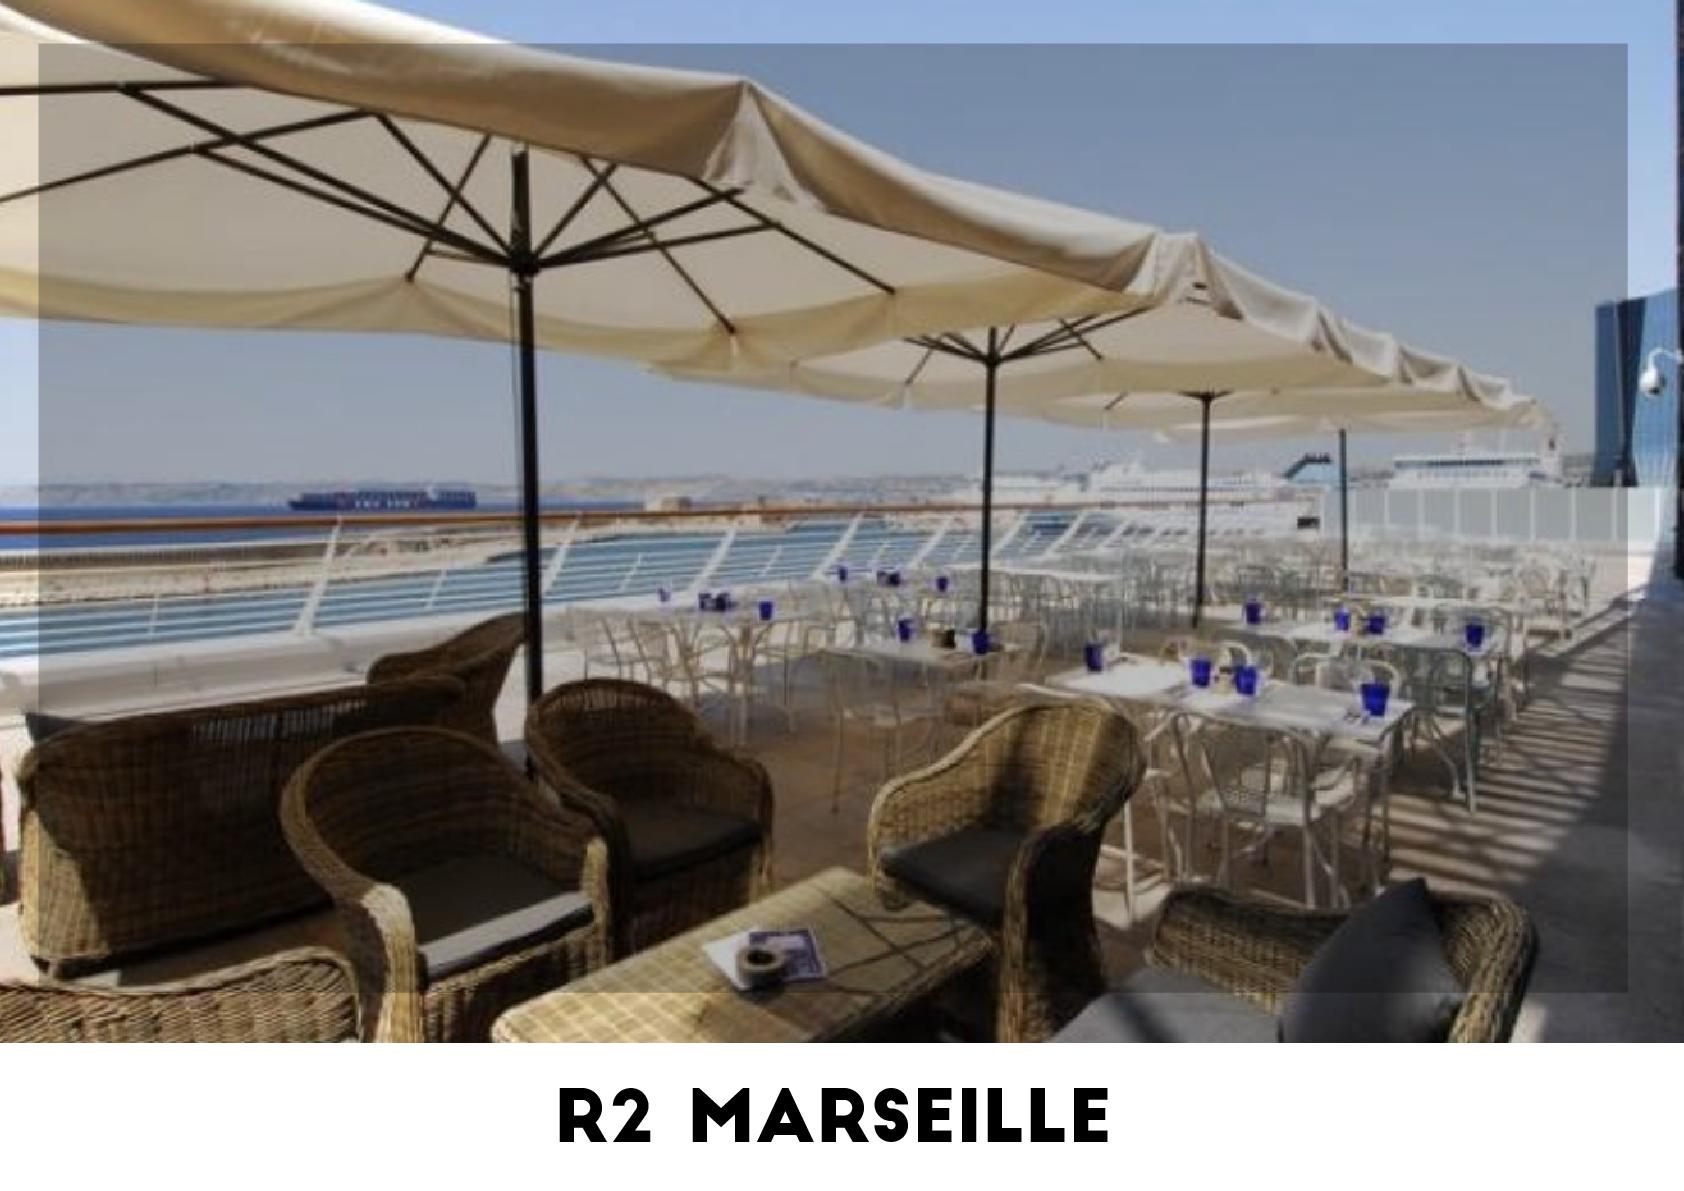 R2 Marseille